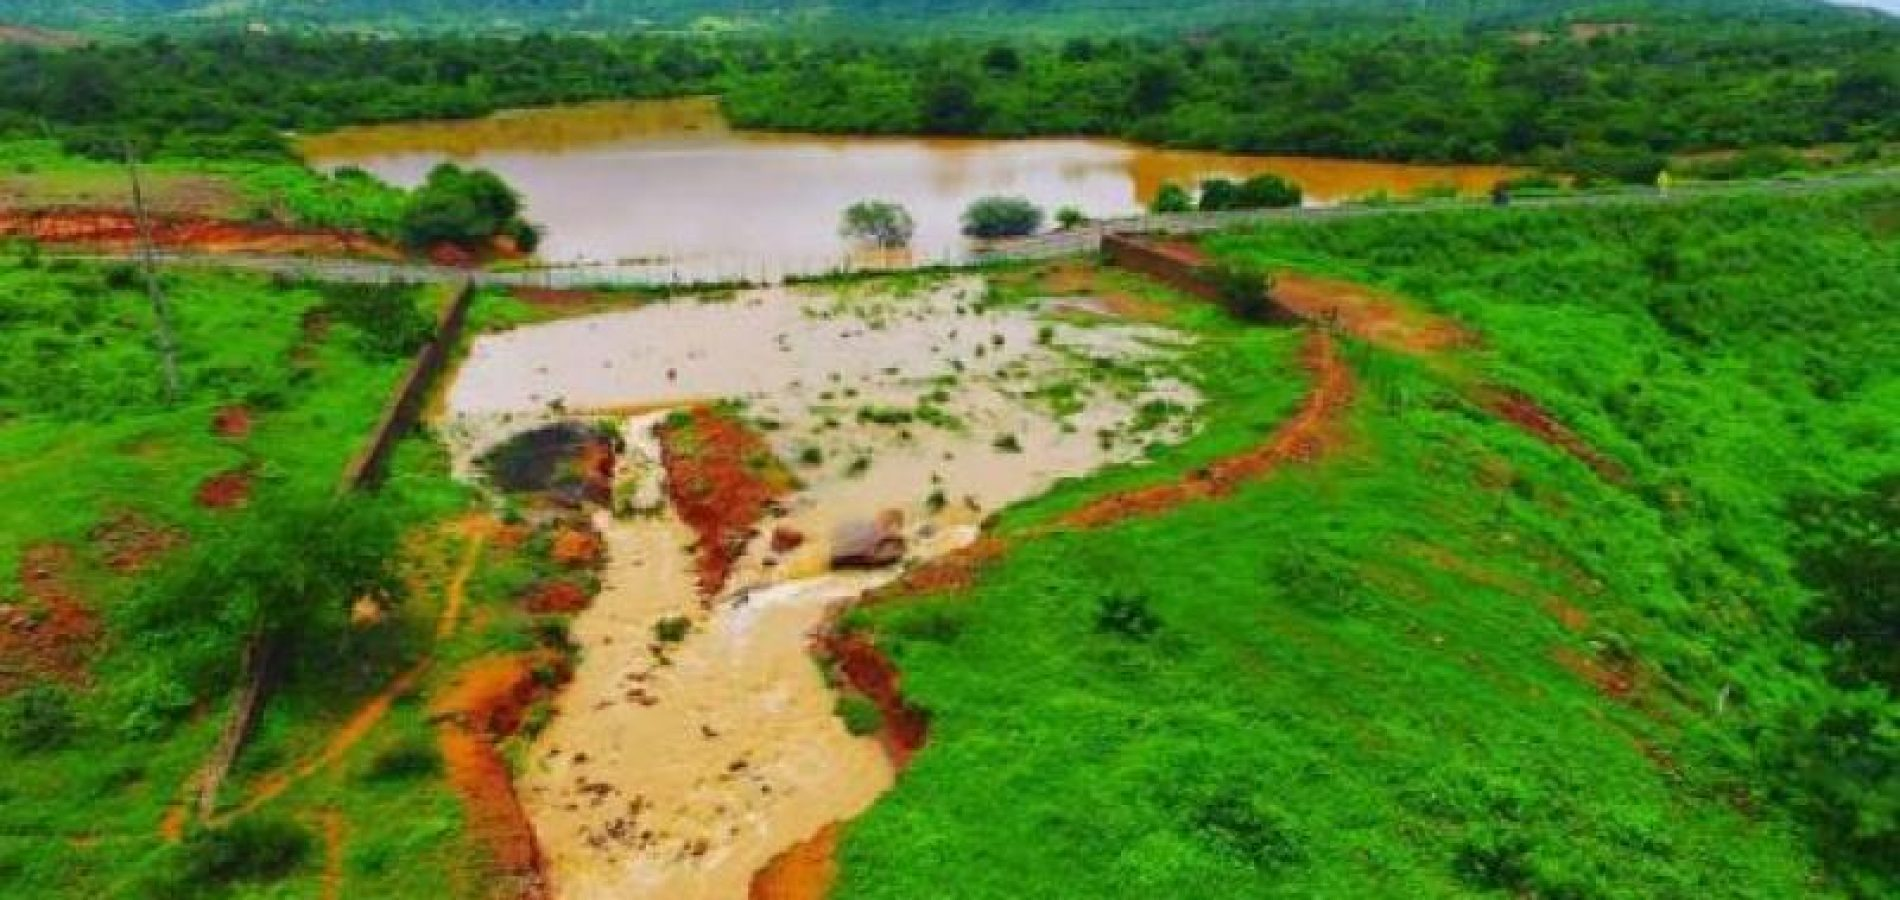 Após sangrar, barragem na zona rural de Picos se torna ponto de lazer